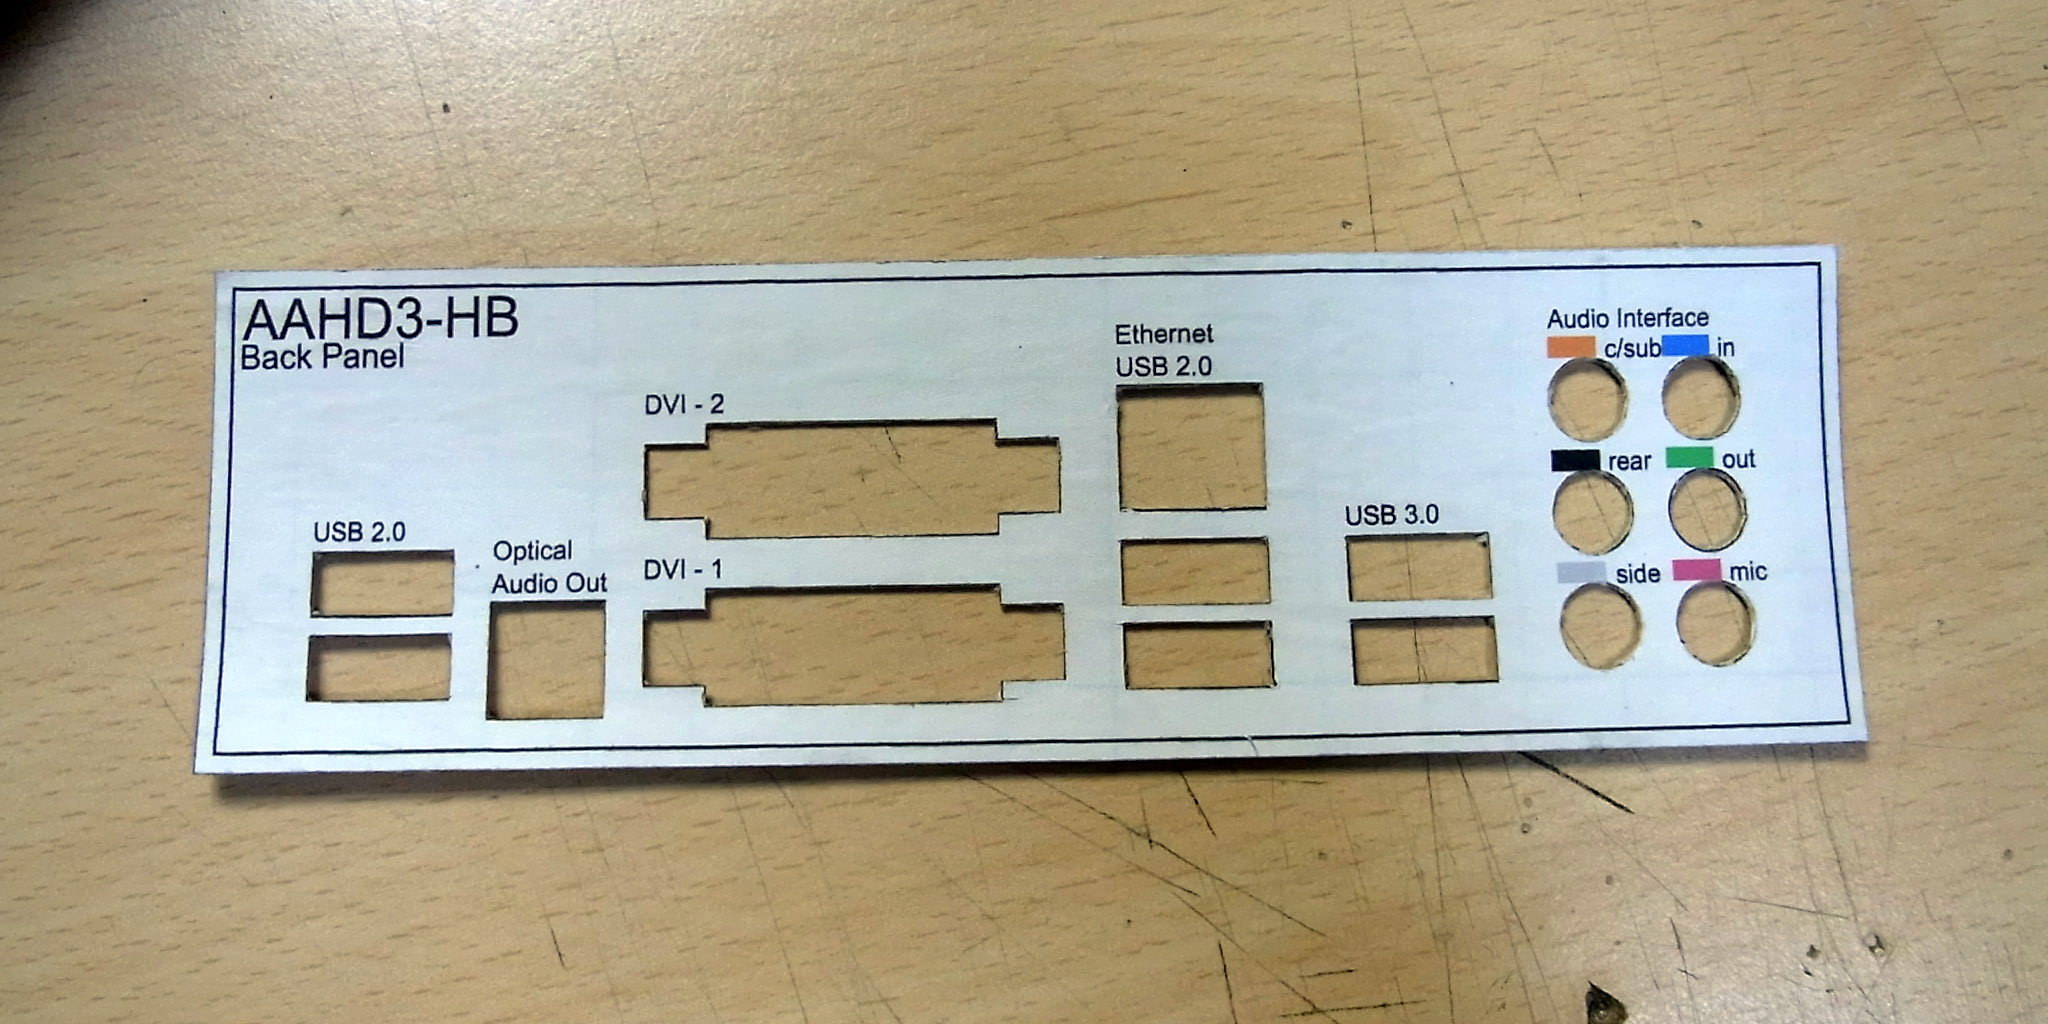 AAHD3-HB バックパネル 切り出し完了